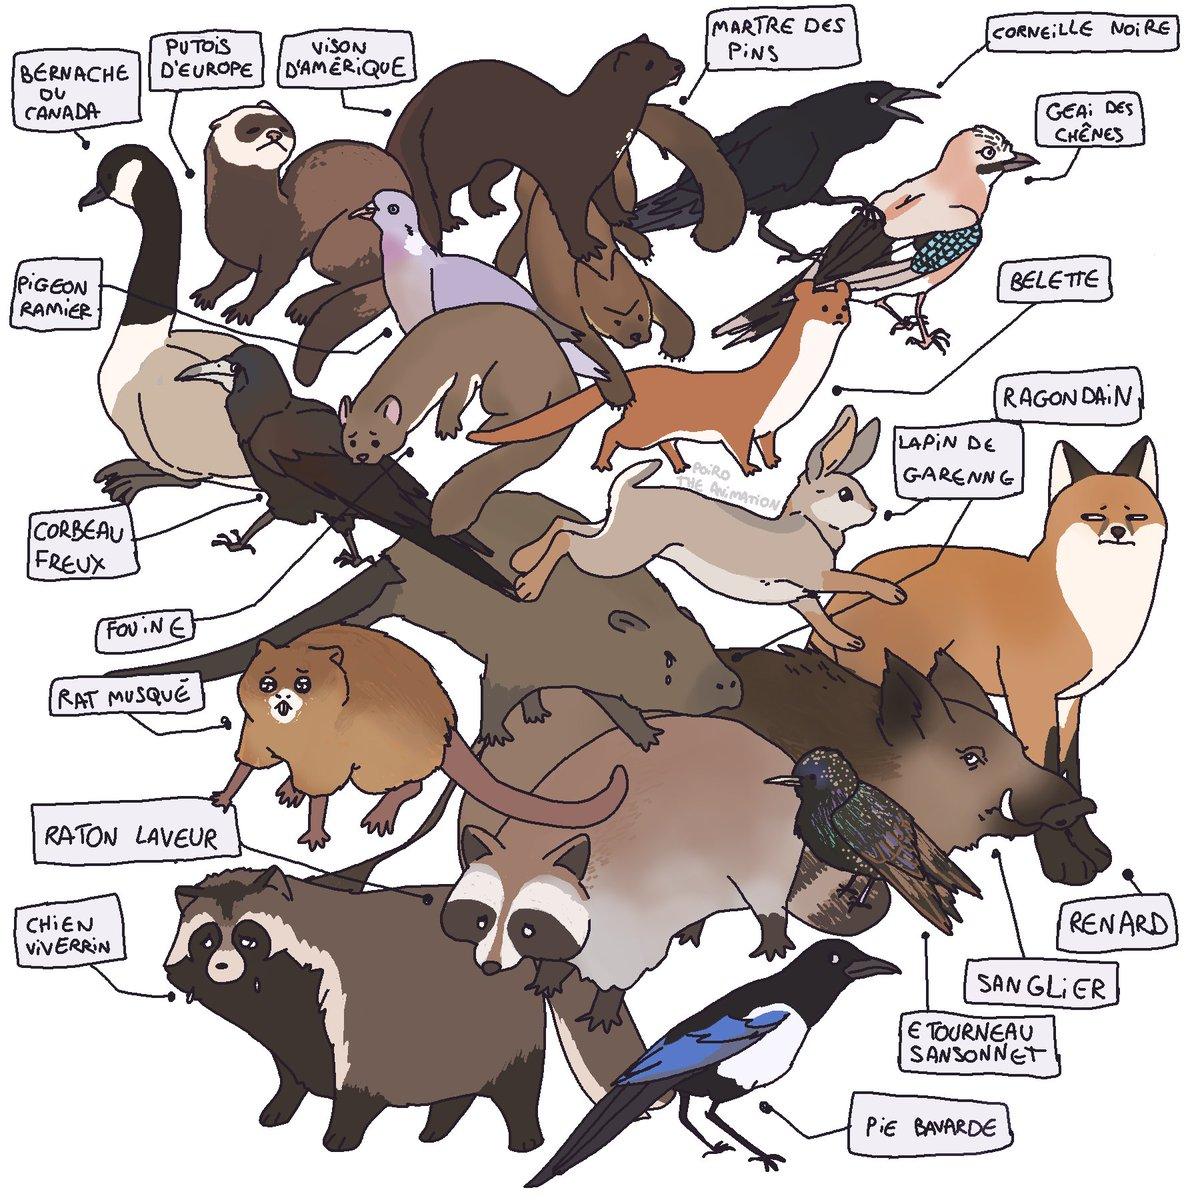 A la base, je voulais dessiner des animaux que j'aime bien, et puis j'ai réalisé que beaucoup d'entre eux étaient classifiés nuisibles, alors j'ai fait toute la liste française...